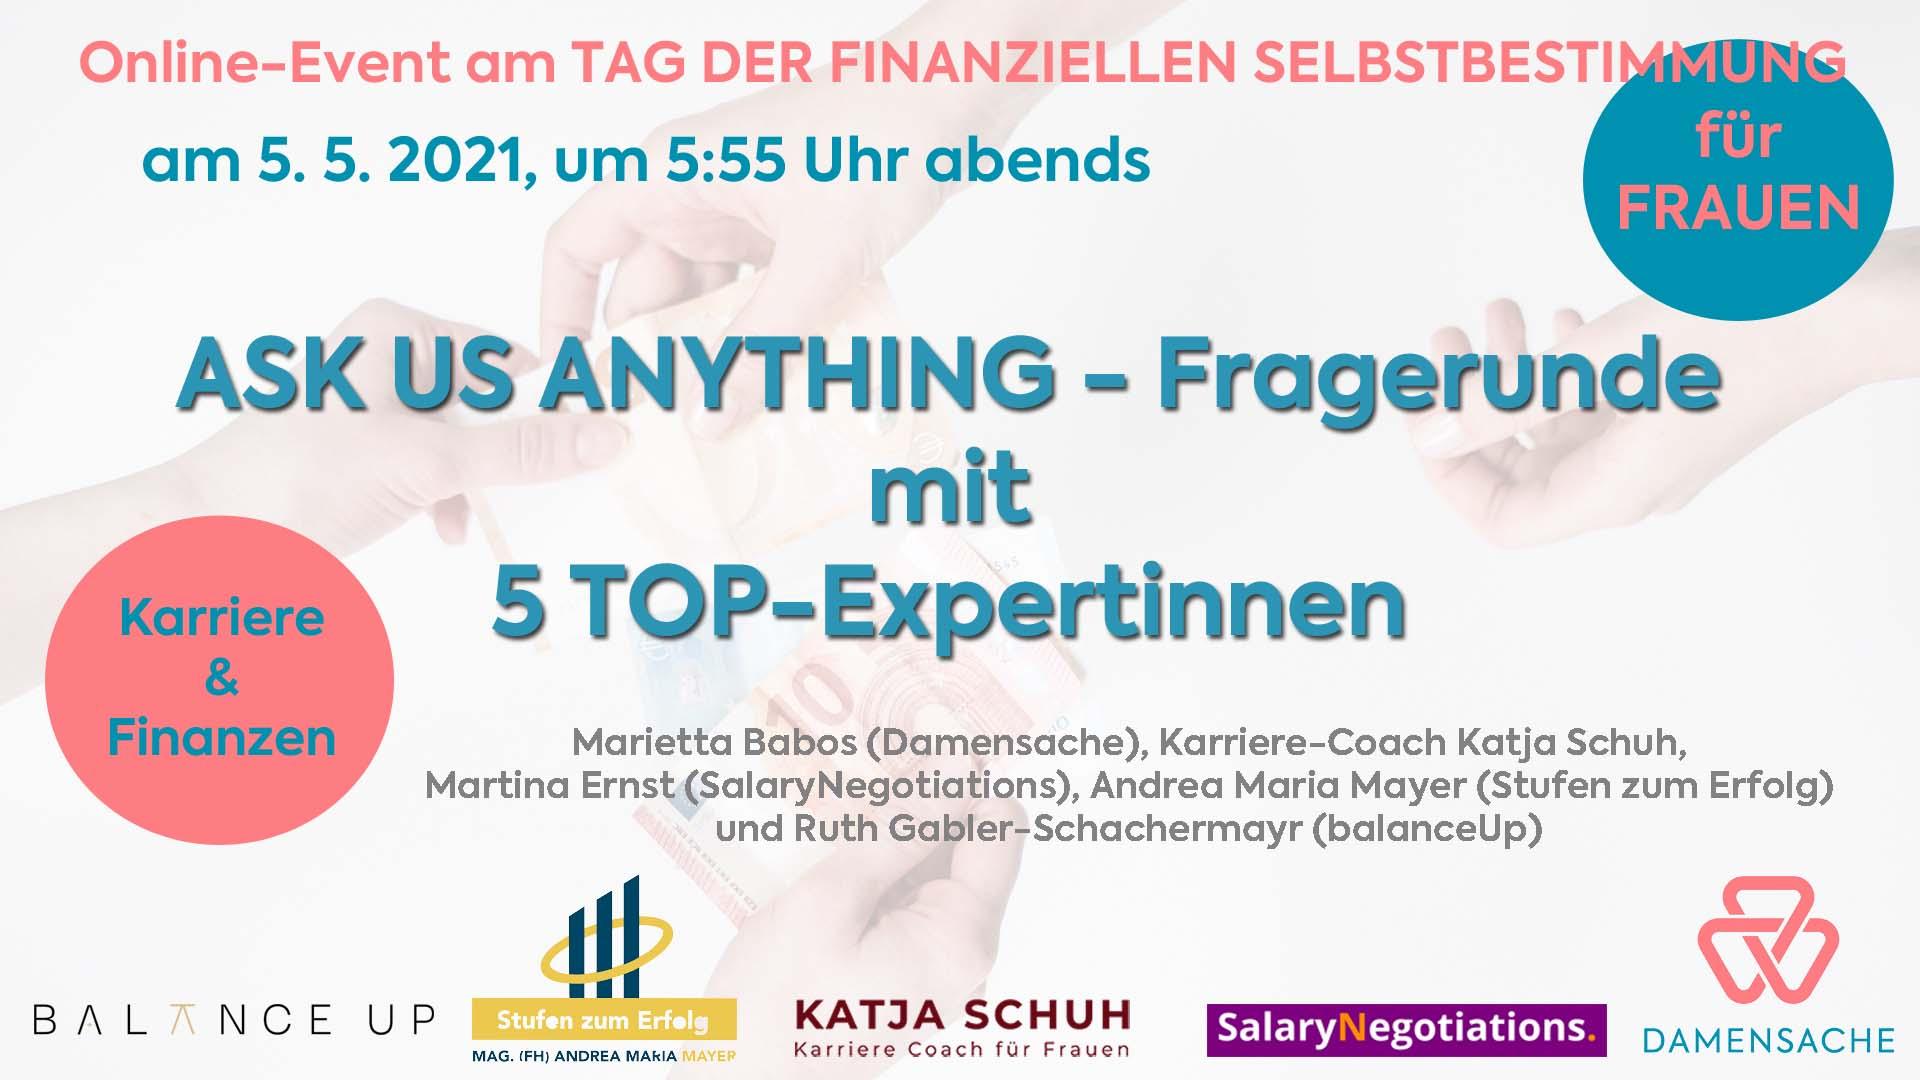 Ask us anything - Big 5 Fragerunde am Tag der finanziellen Selbstbestimmung für Frauen 7